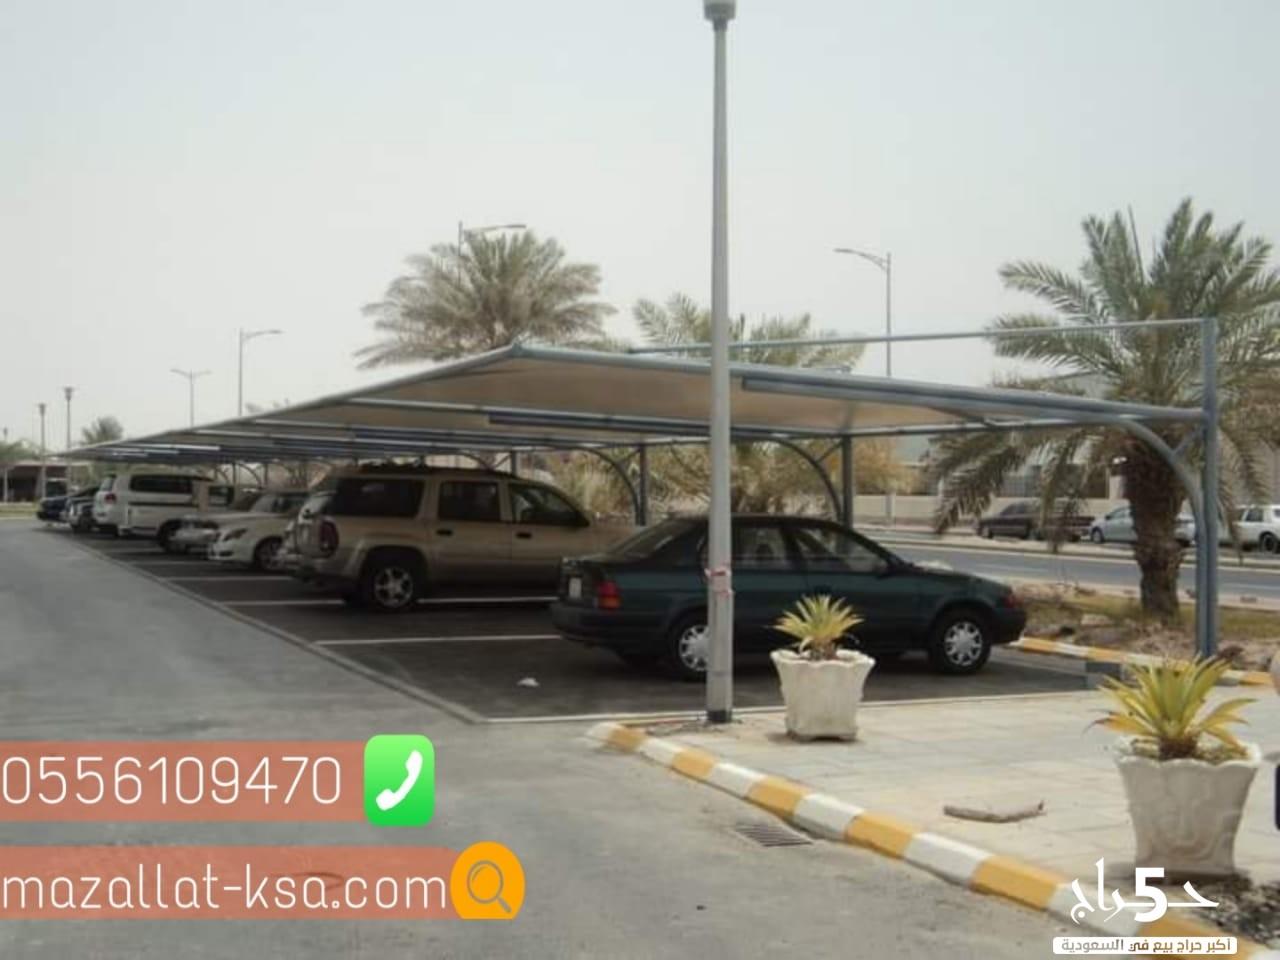 تنفيذ كافة مشاريع مظلات السيارات0556109470, مظلات pvc , مظلات كابولي , مظلات هرمية بالطائف